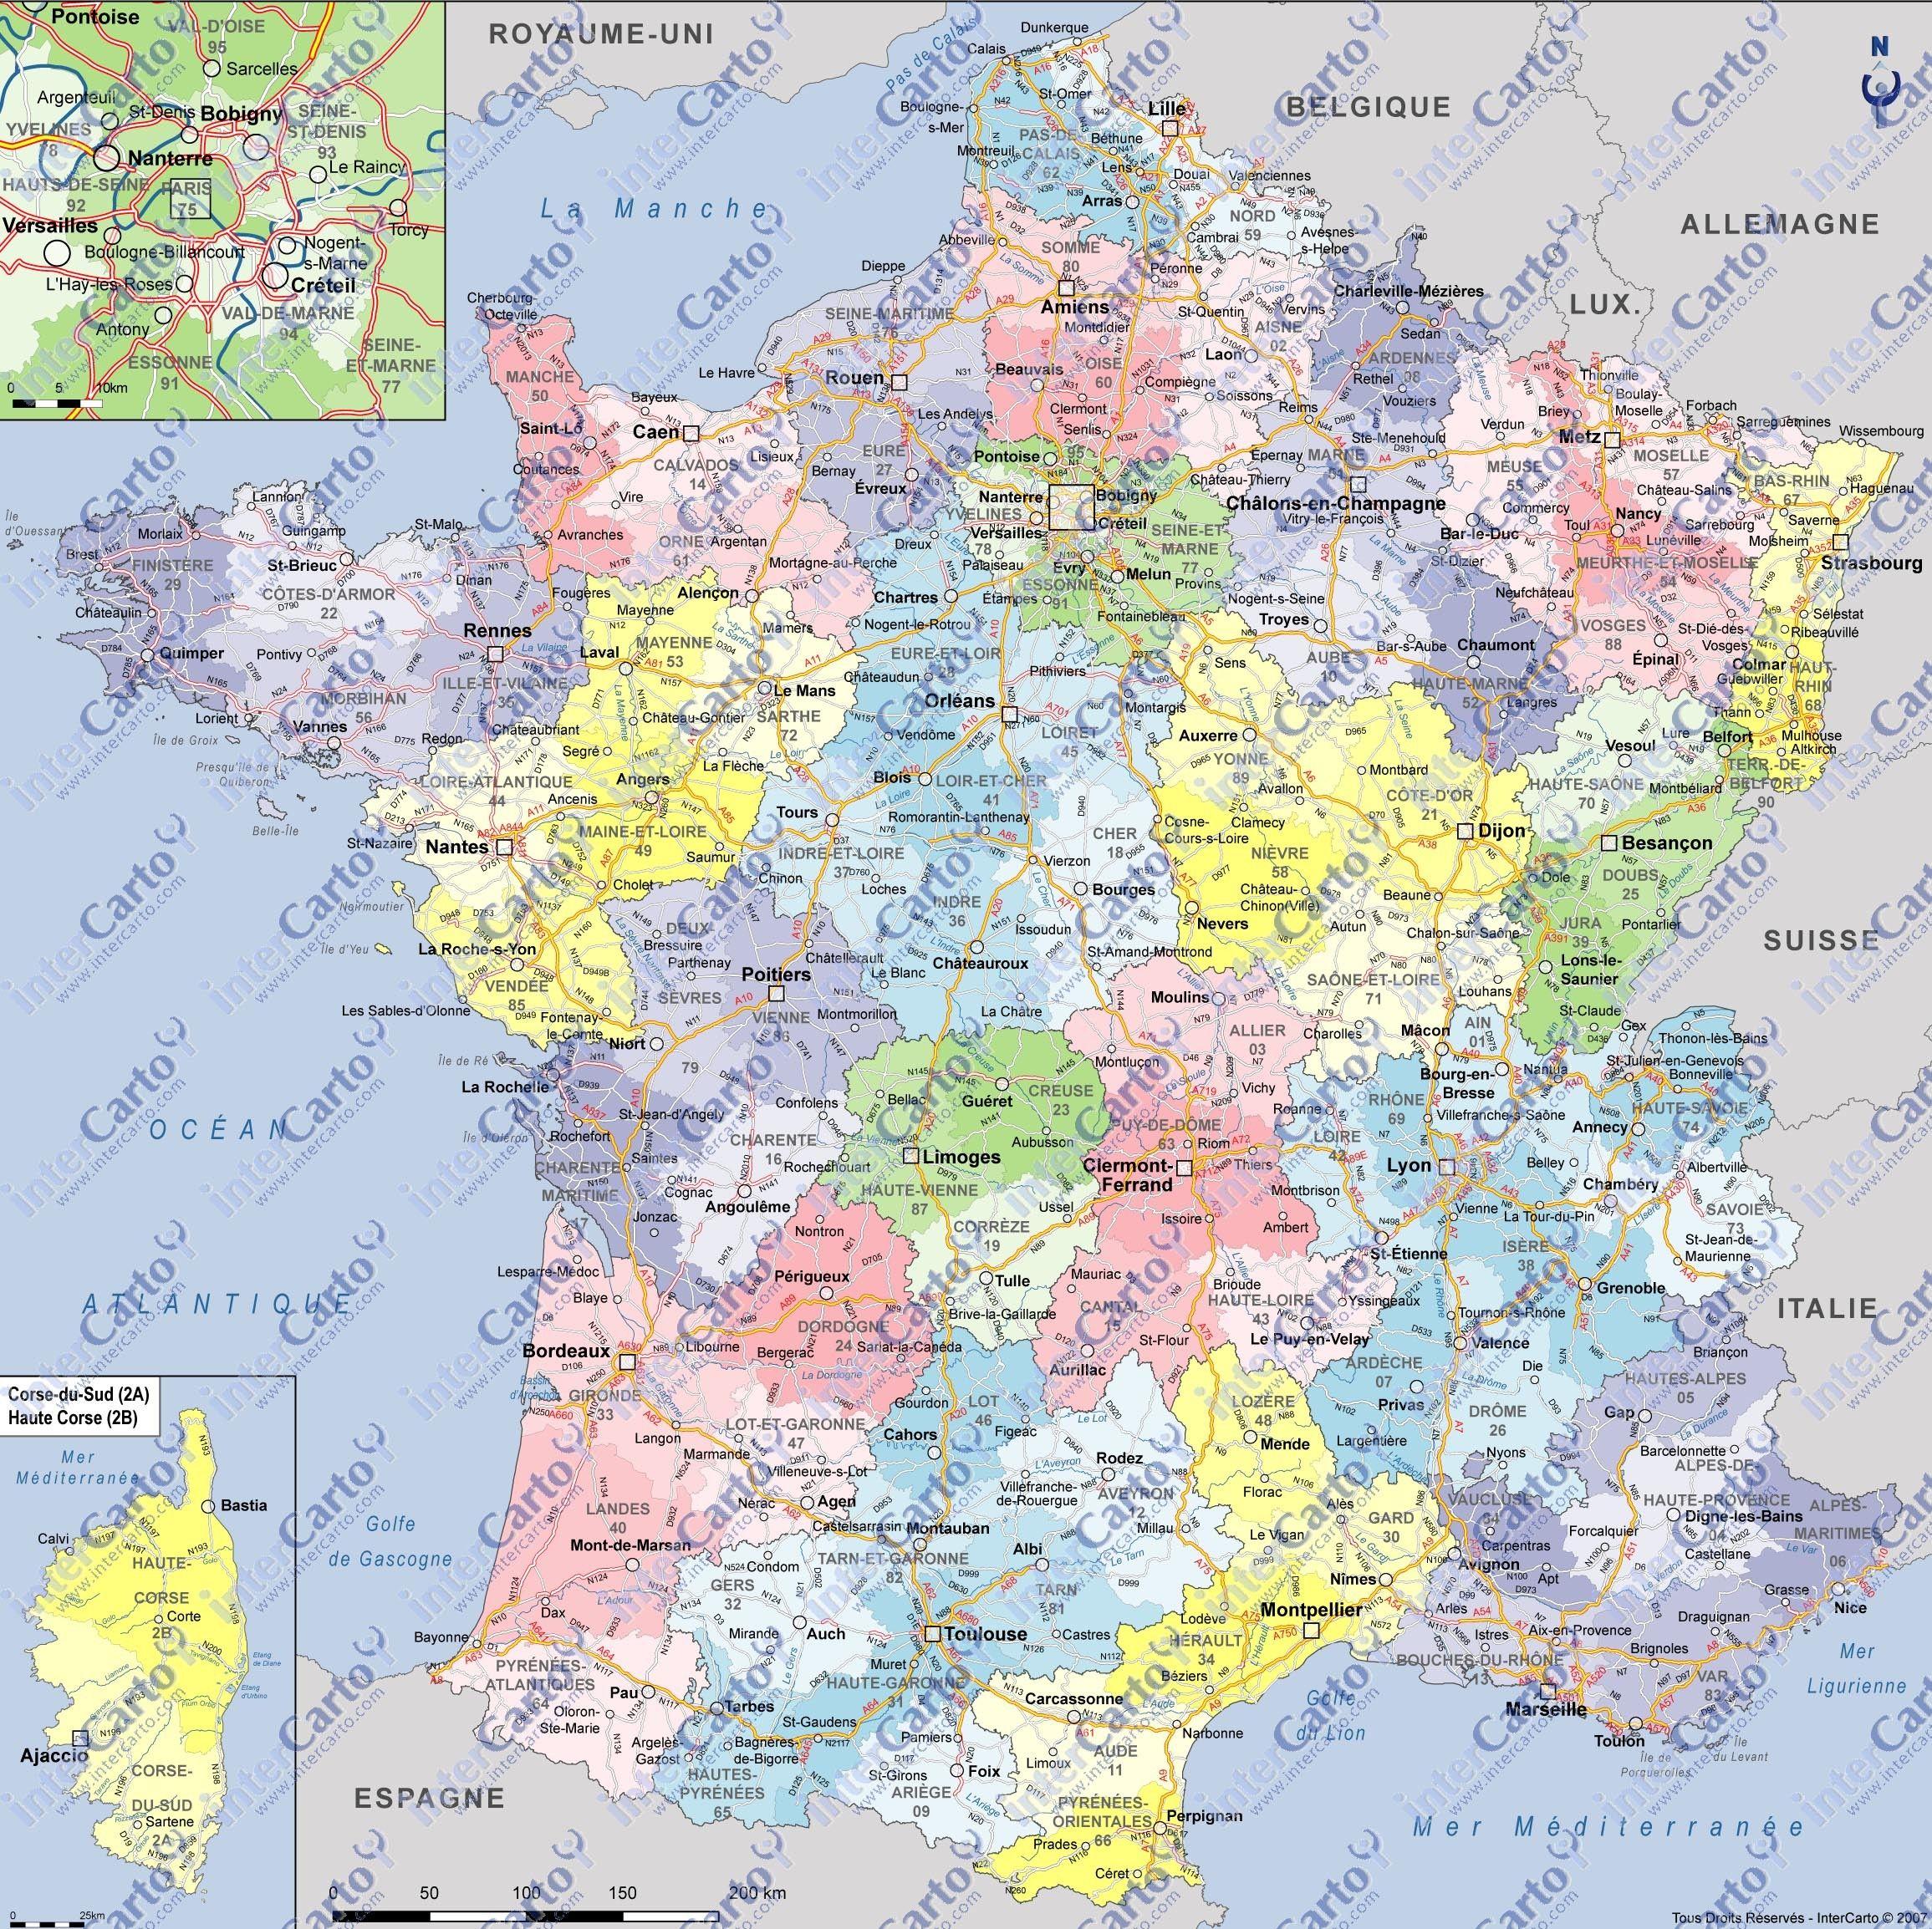 Carte De France Départements Villes Et Régions | Arts Et avec Carte De France Avec Les Villes